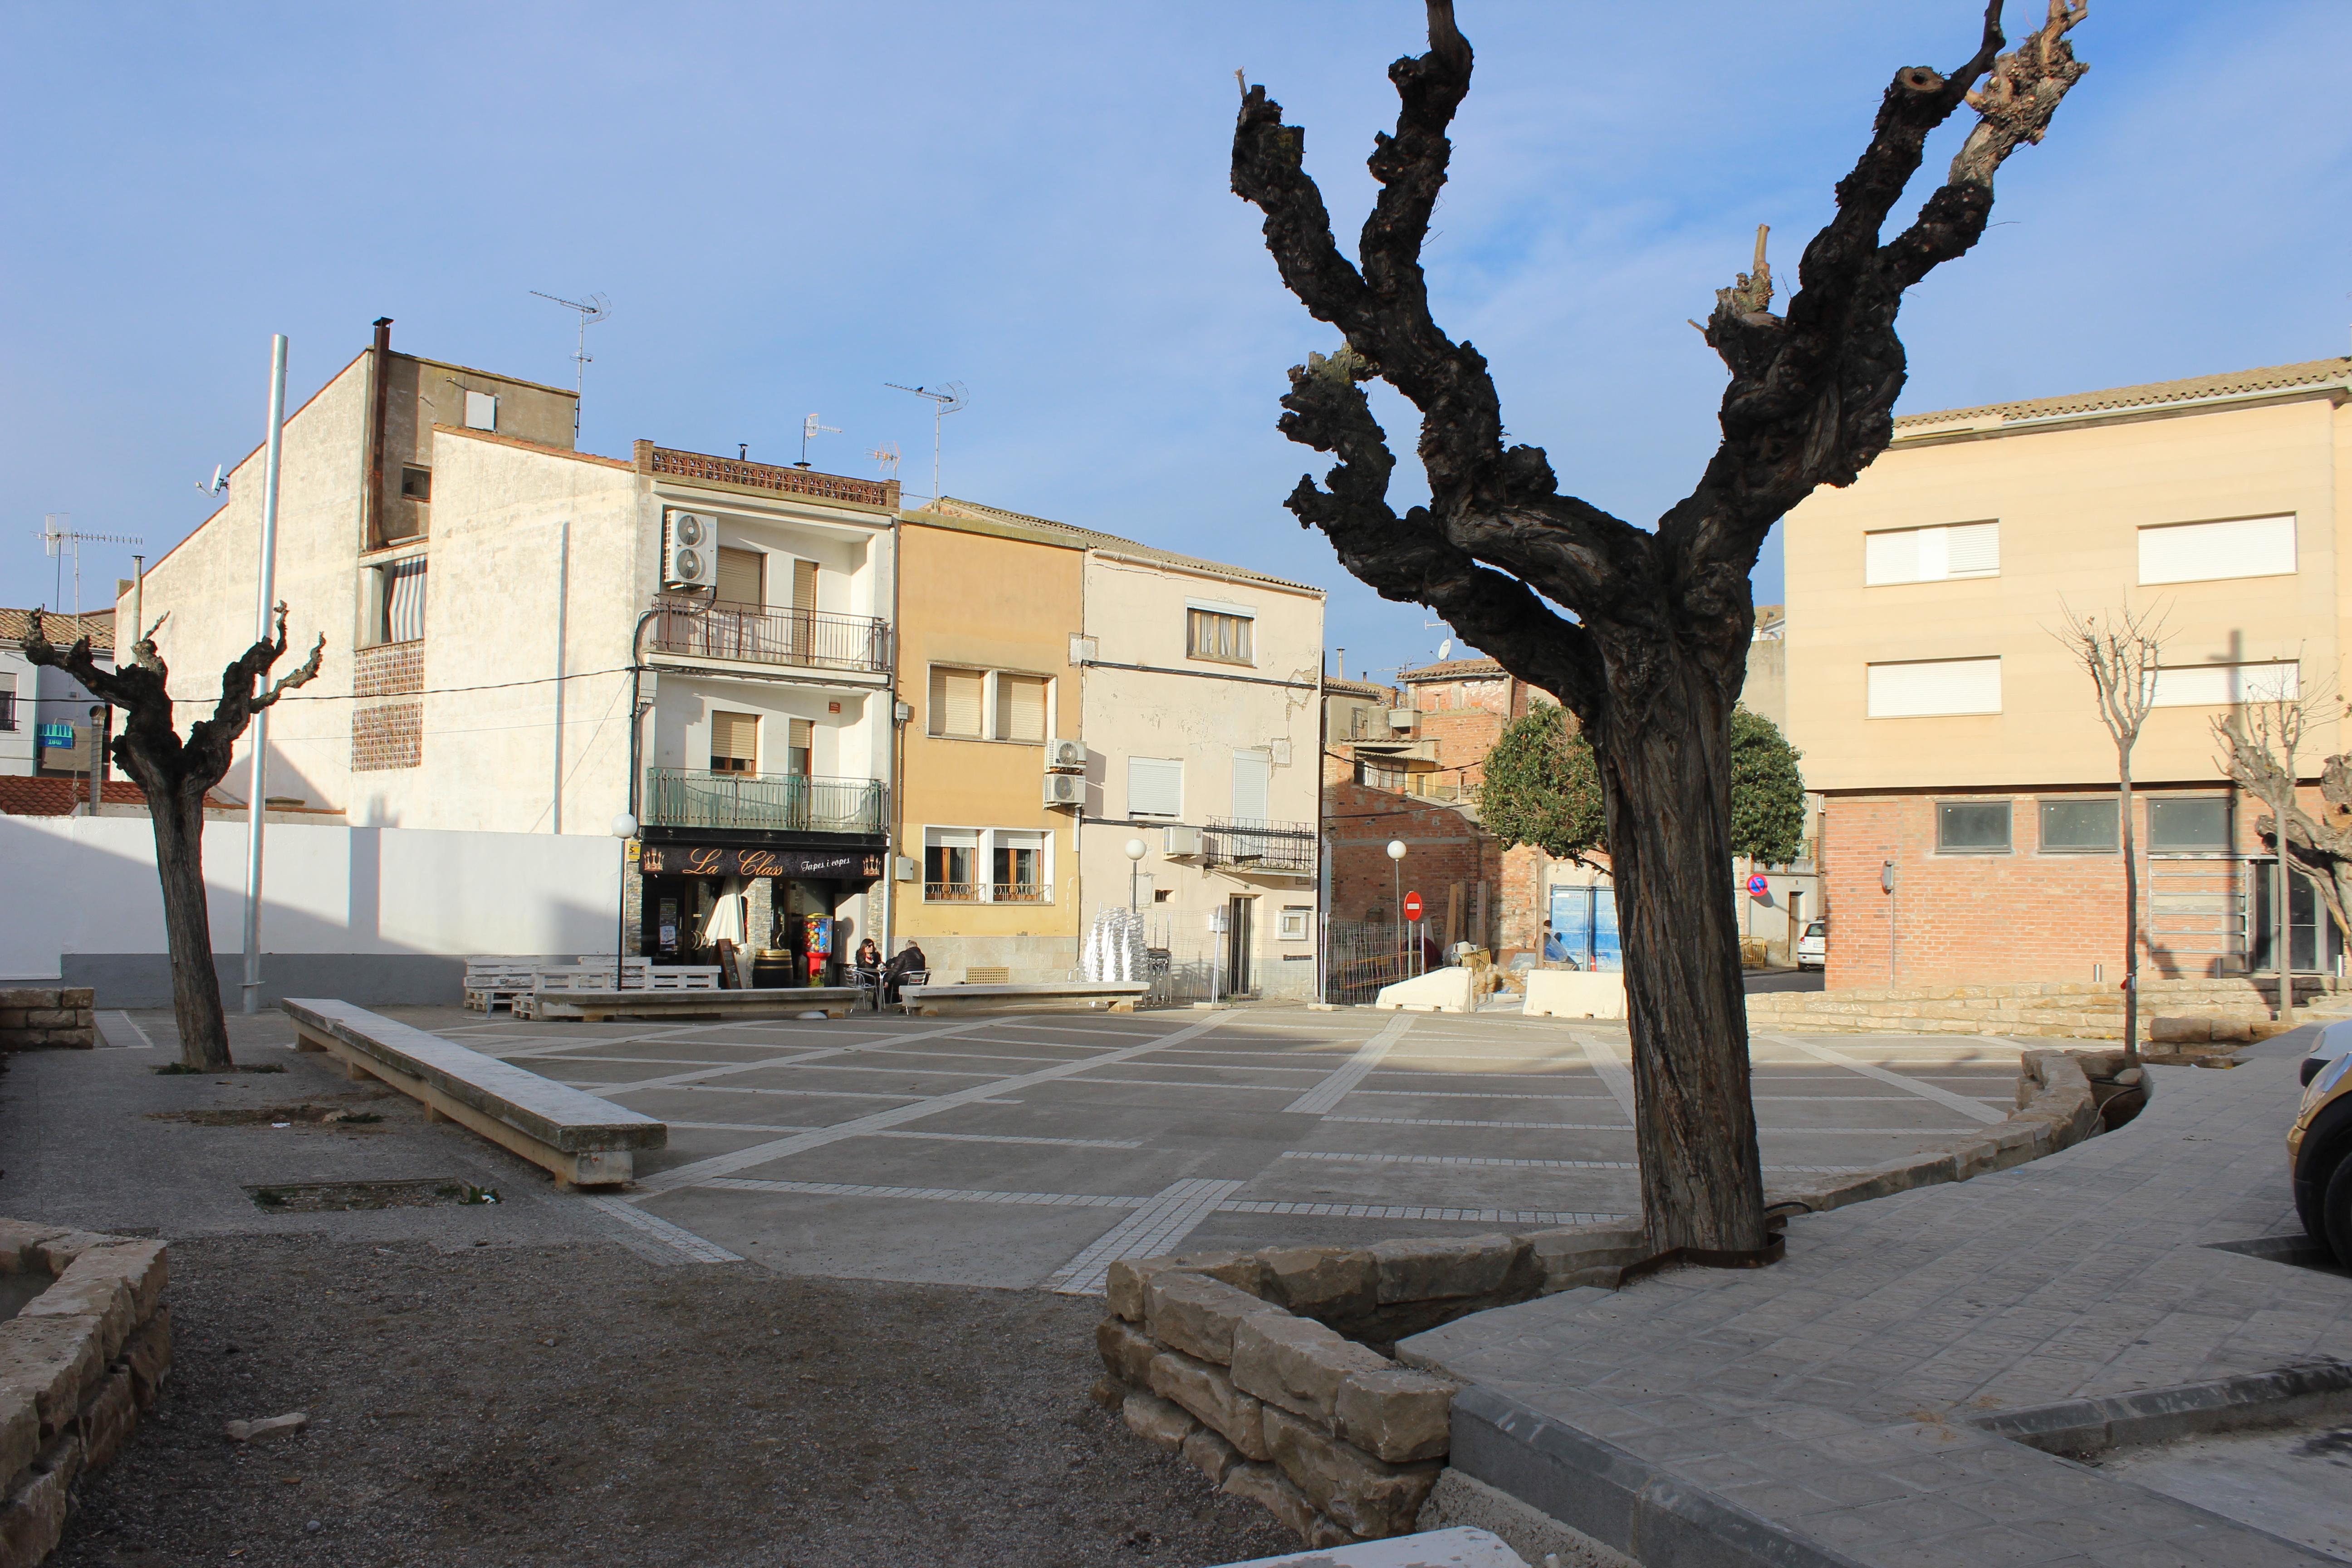 Plaça Fortuny